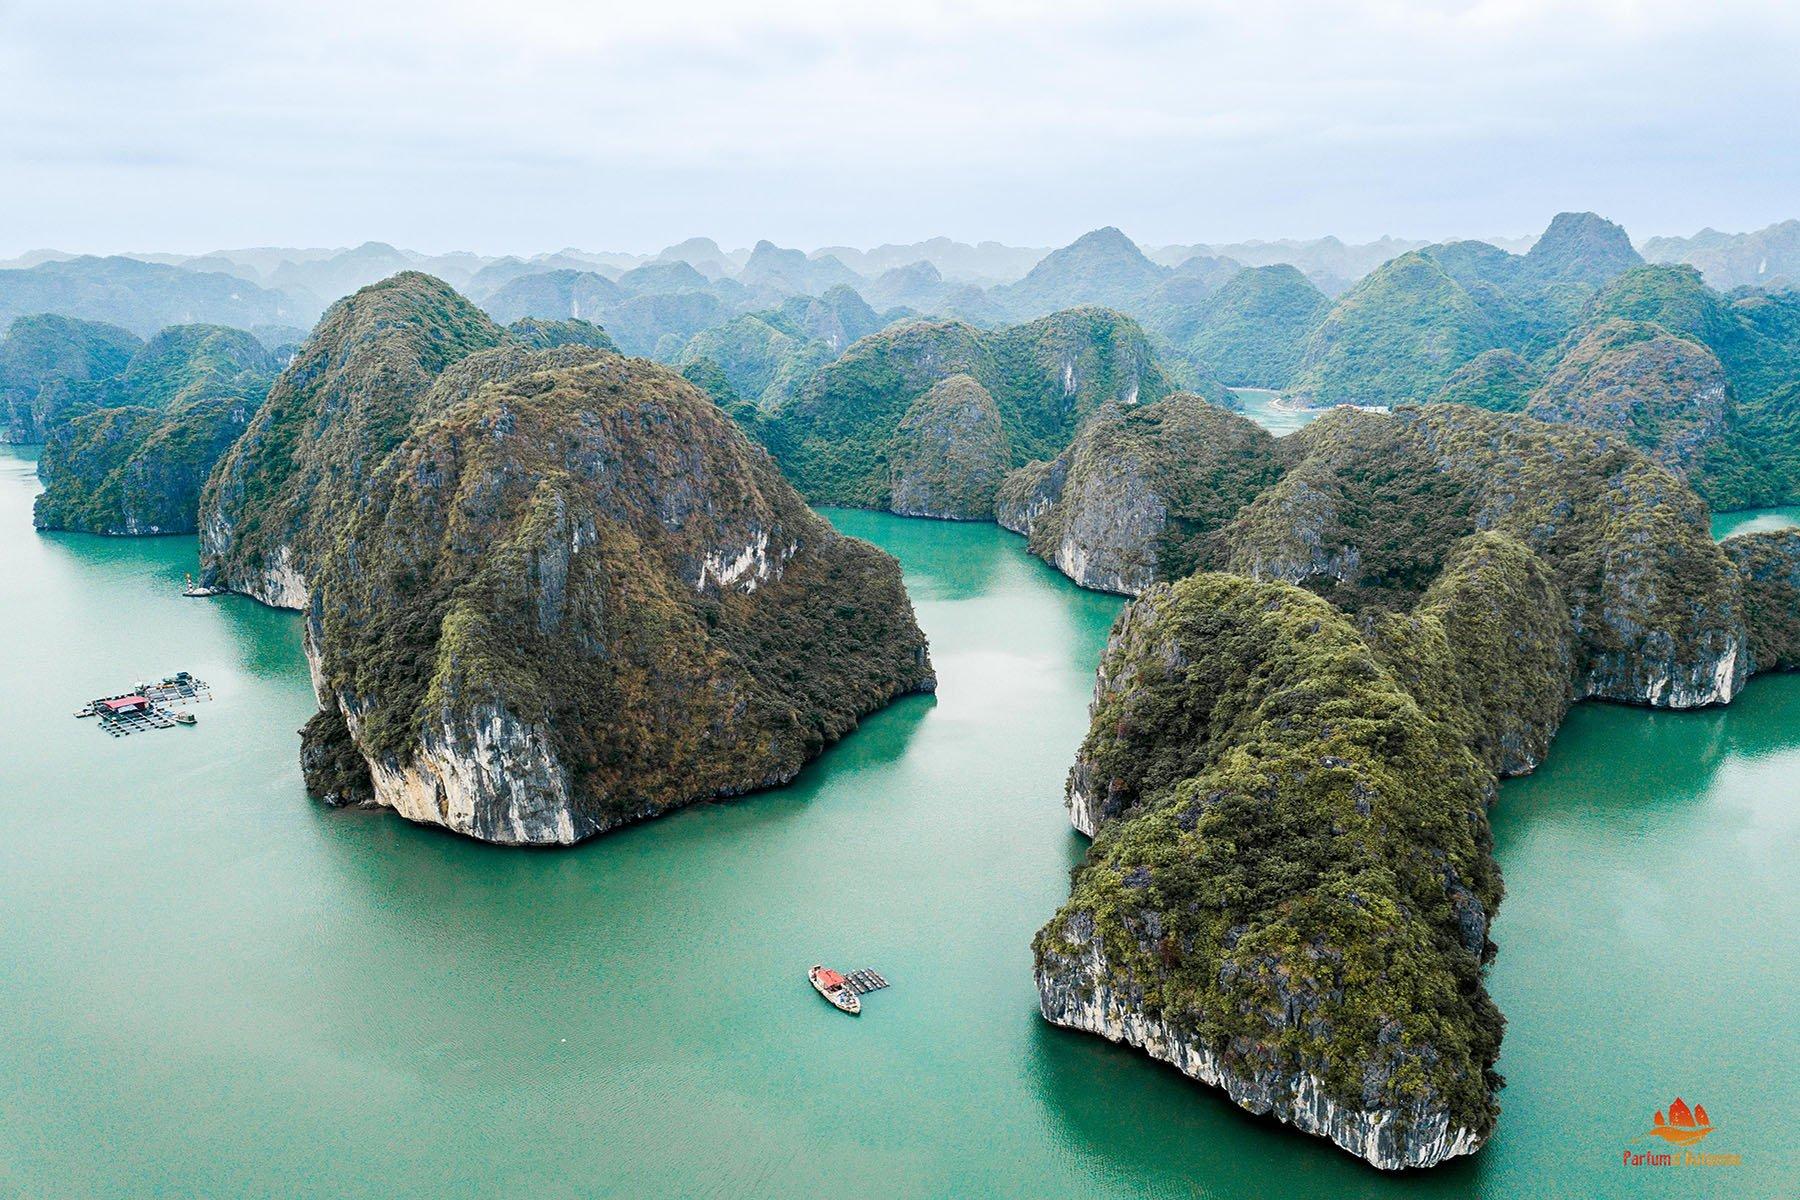 La Baie de Lan Ha vue du ciel, Baie d'Halong, Vietnam